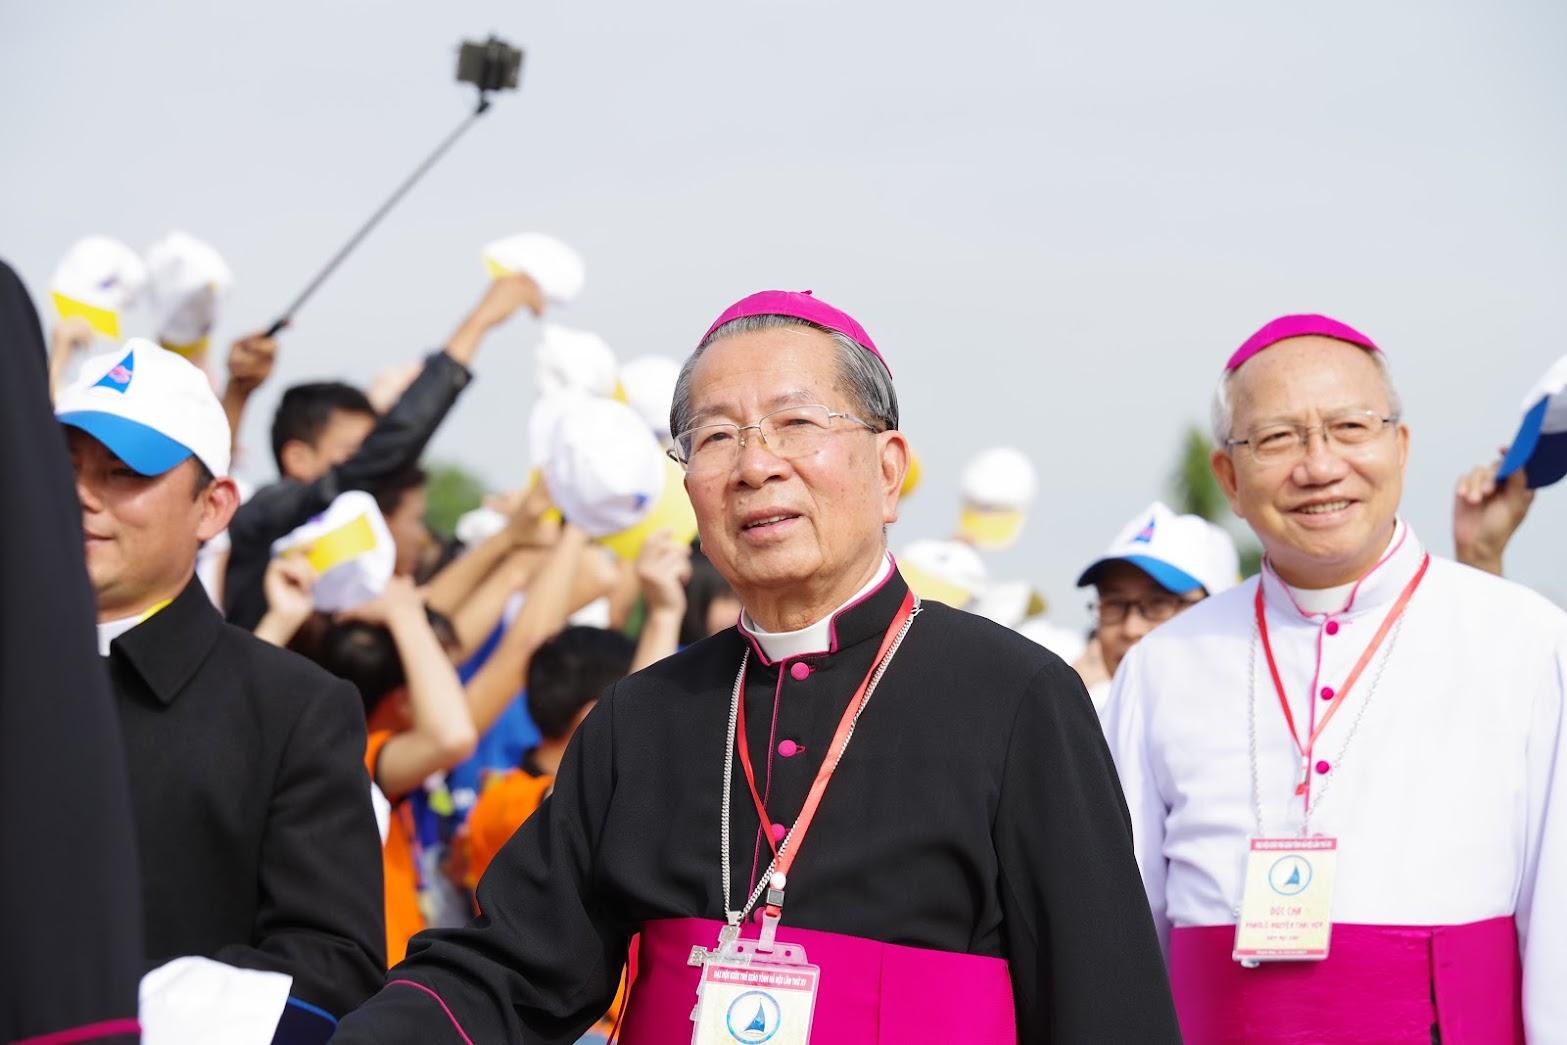 Những hình ảnh đẹp về lễ khai mạc Đại Hội Giới Trẻ giáo tỉnh Hà Nội lần thứ XV tại Thanh Hóa - Ảnh minh hoạ 17